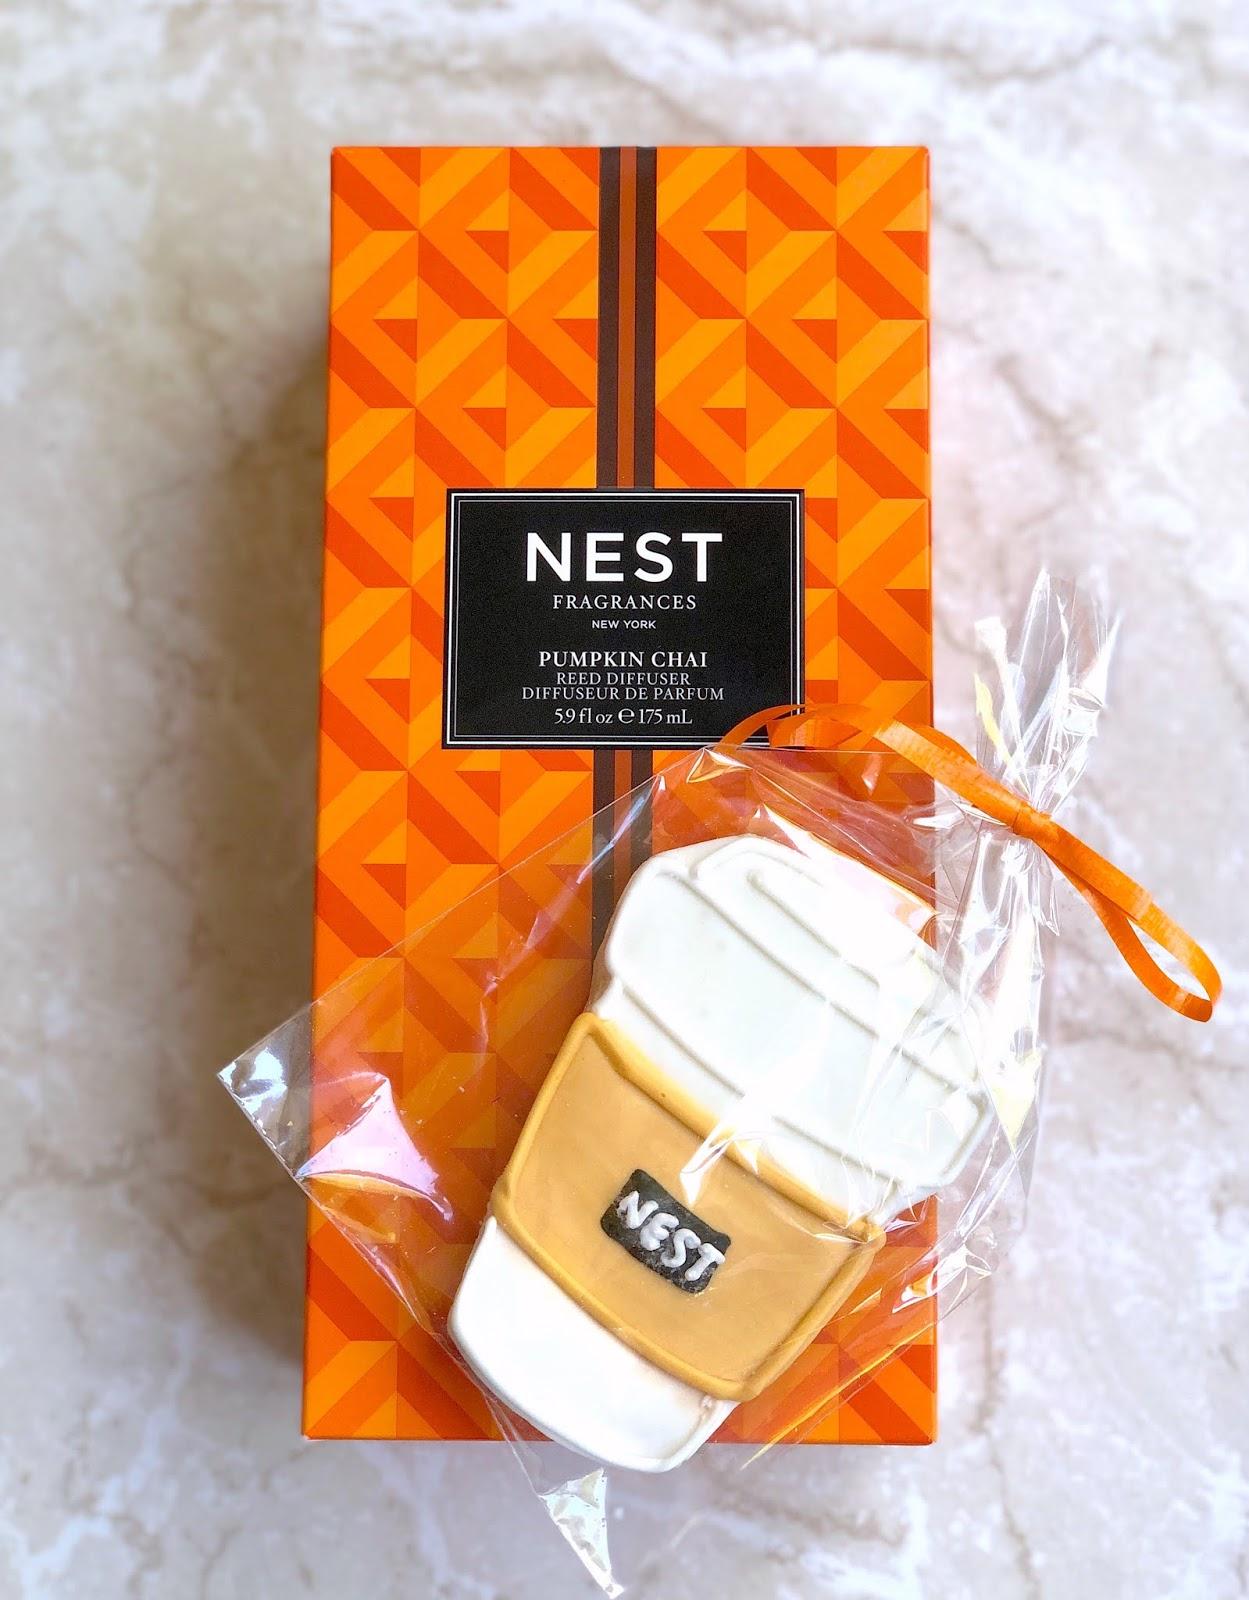 Pumpkin Chai Reed Diffuser Review